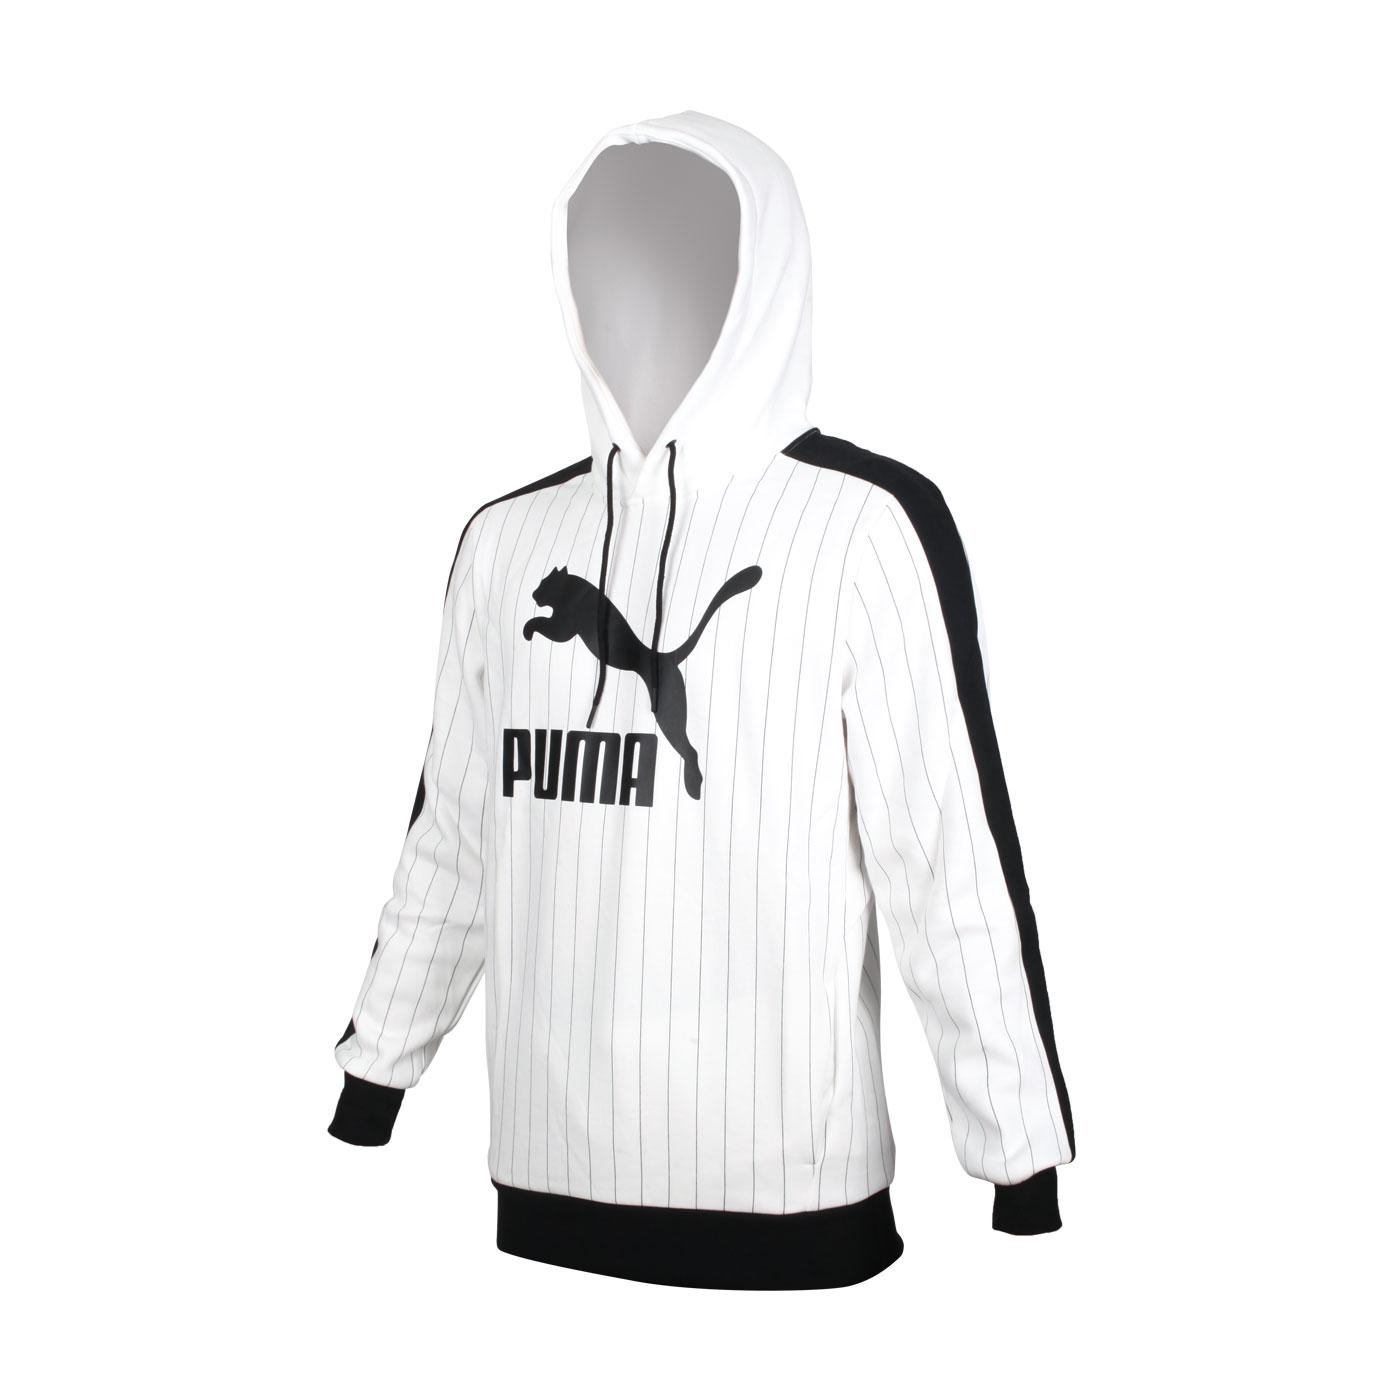 PUMA 男款流行系列內刷毛條紋長袖連帽T恤 53017902 - 白黑